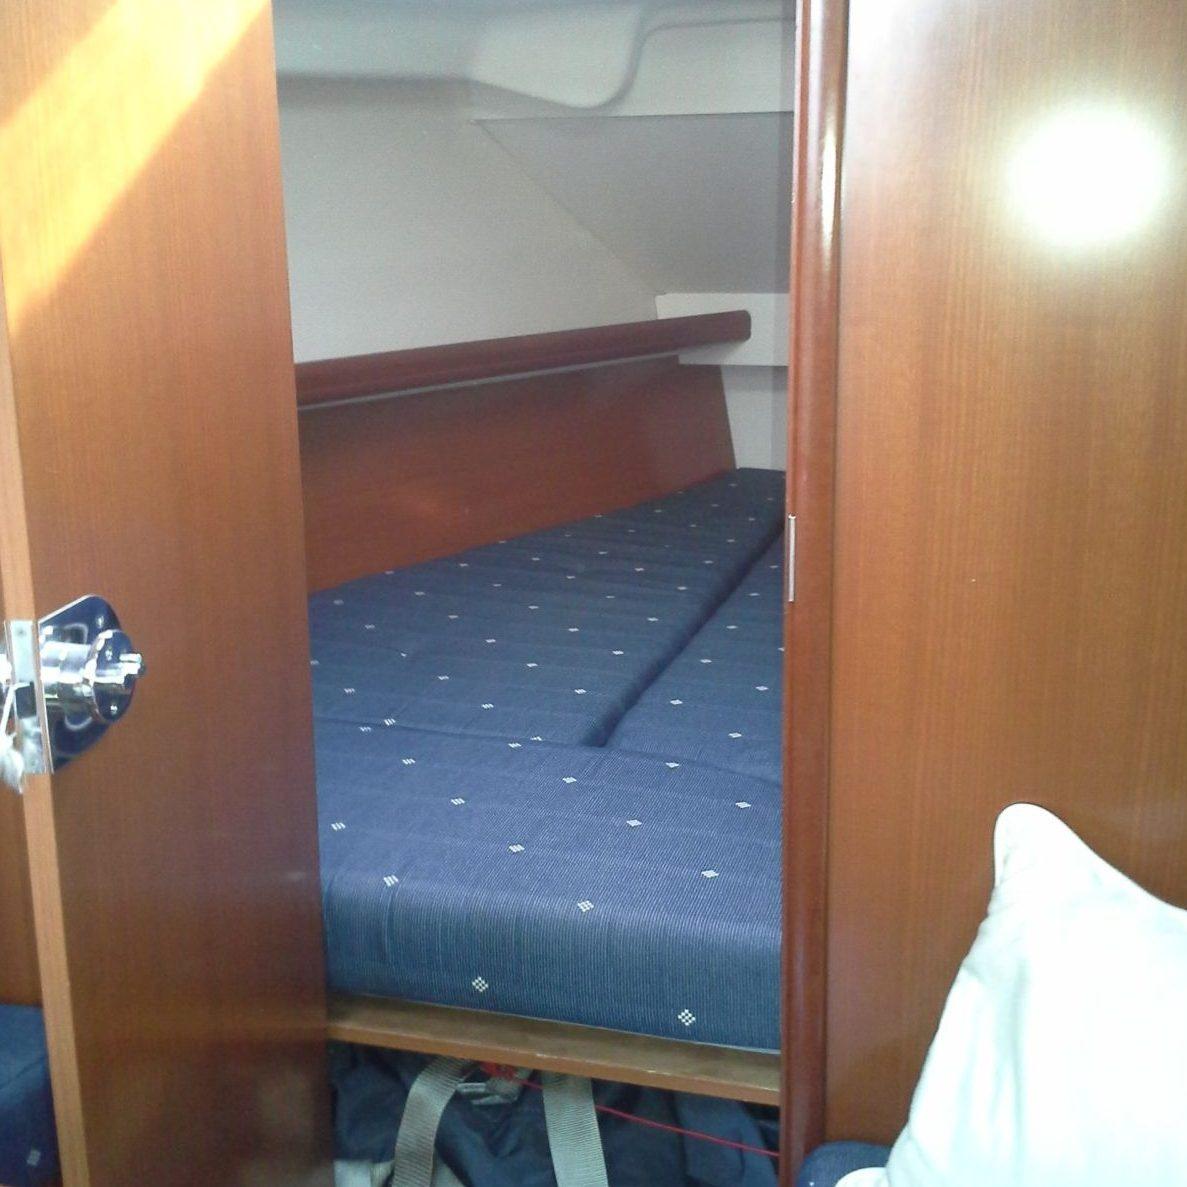 Beneteau Oceanis 323 Slaapcabine In De Boeg Netyachting Enkhuizen Ijsselmeer Markermeer